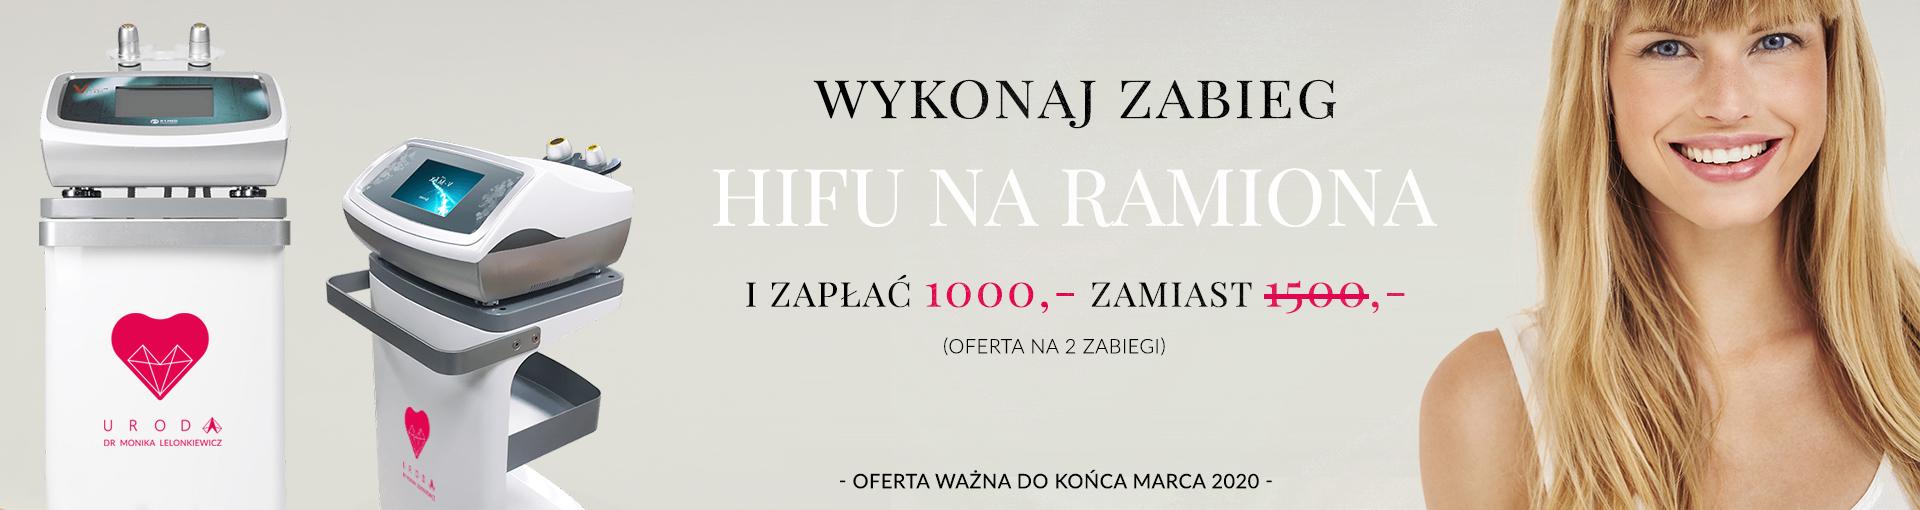 HIFU RAMIONA – skorzystaj z promocji